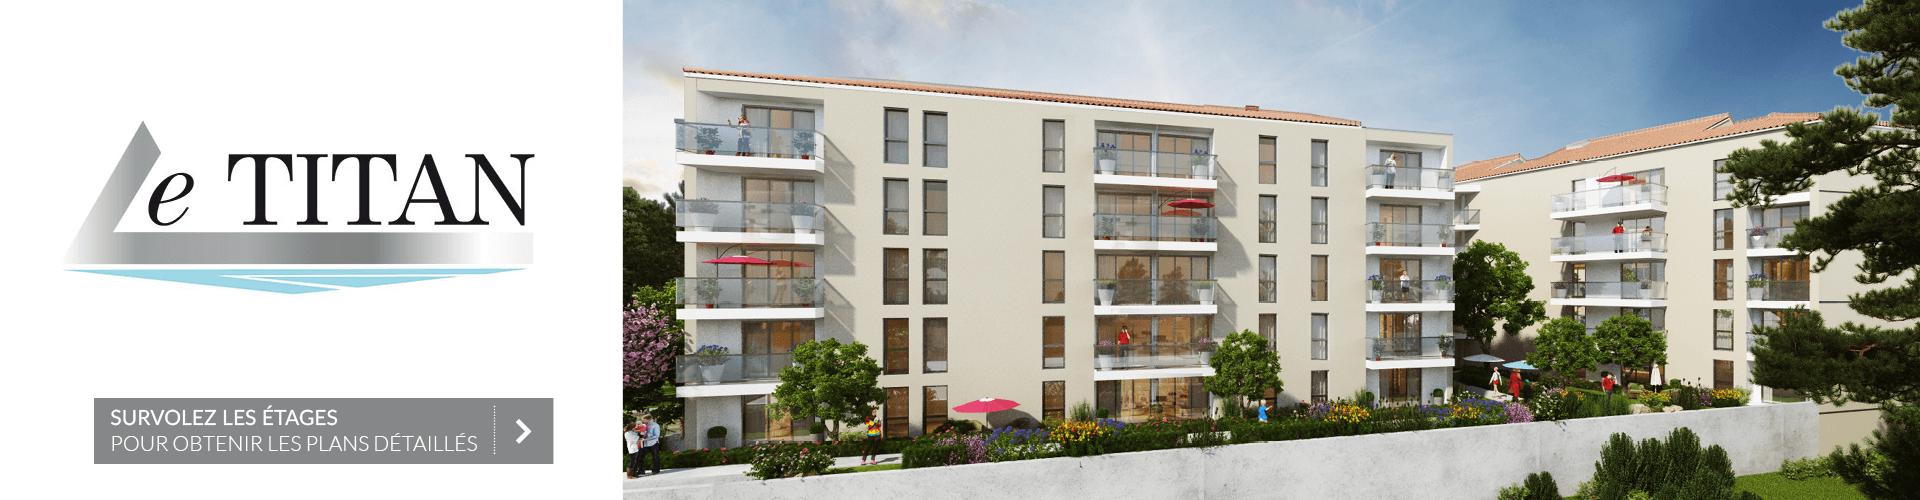 Segeprim : Résidence Le Titan à Toulon (83)